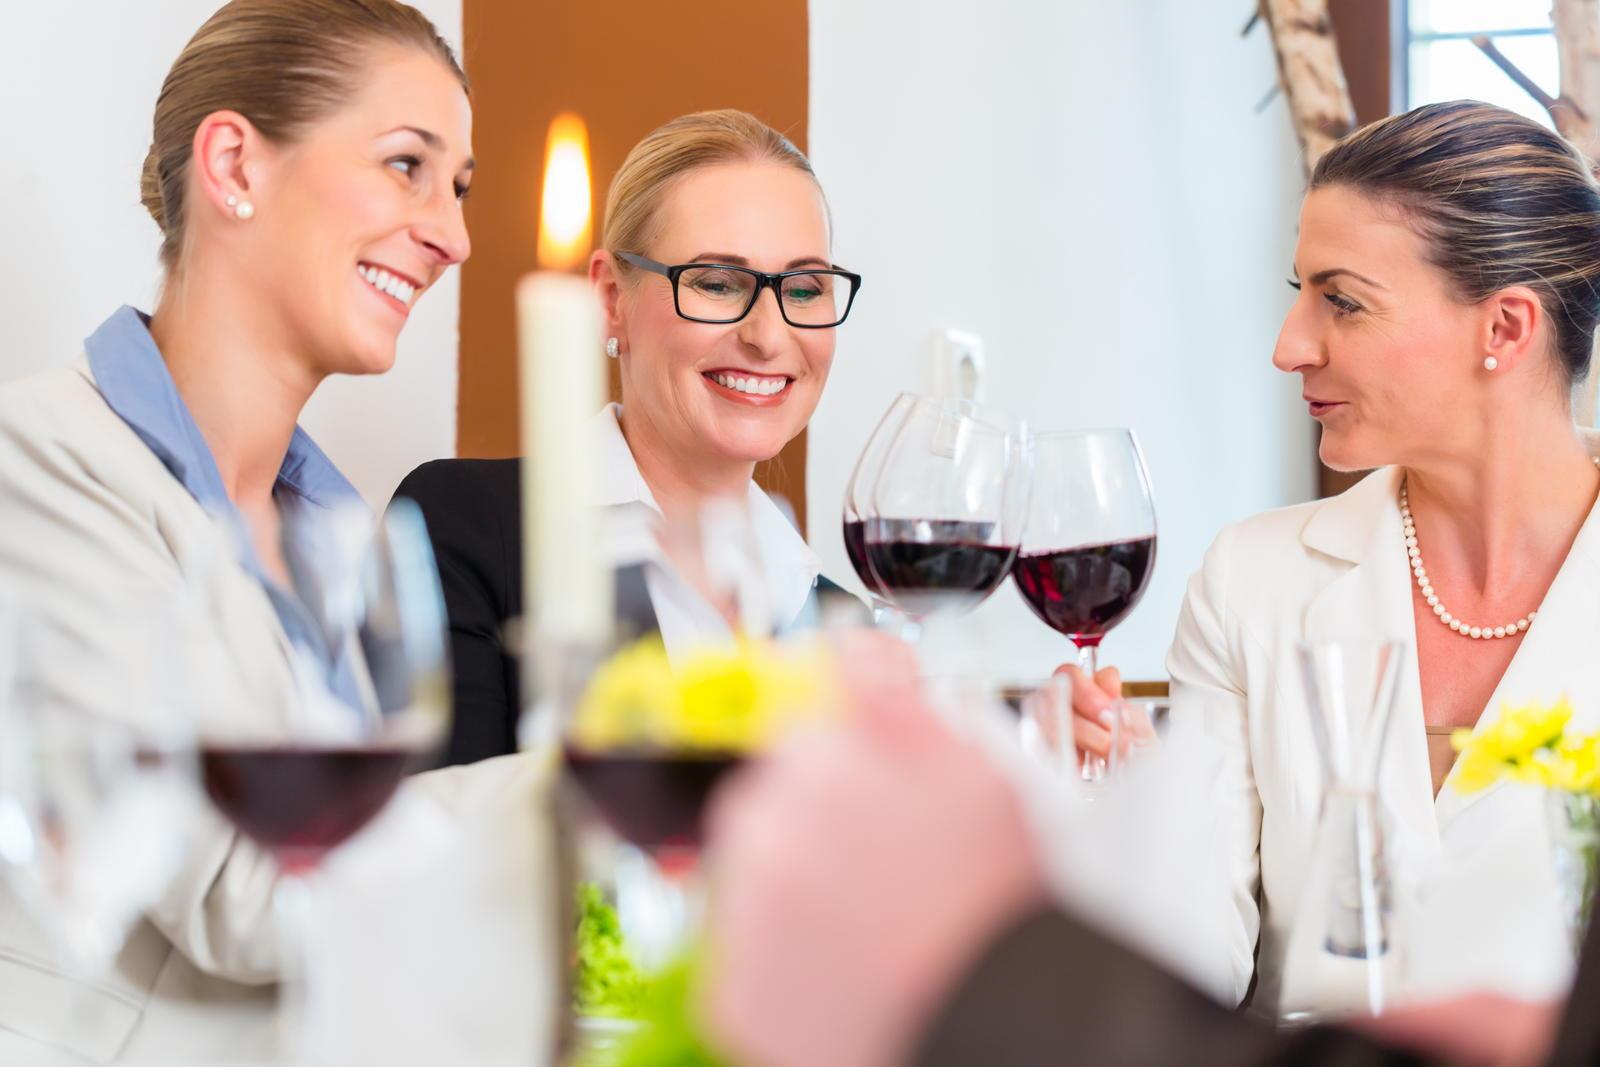 Alimentazione in menopausa e perimenopausa: le linee guida